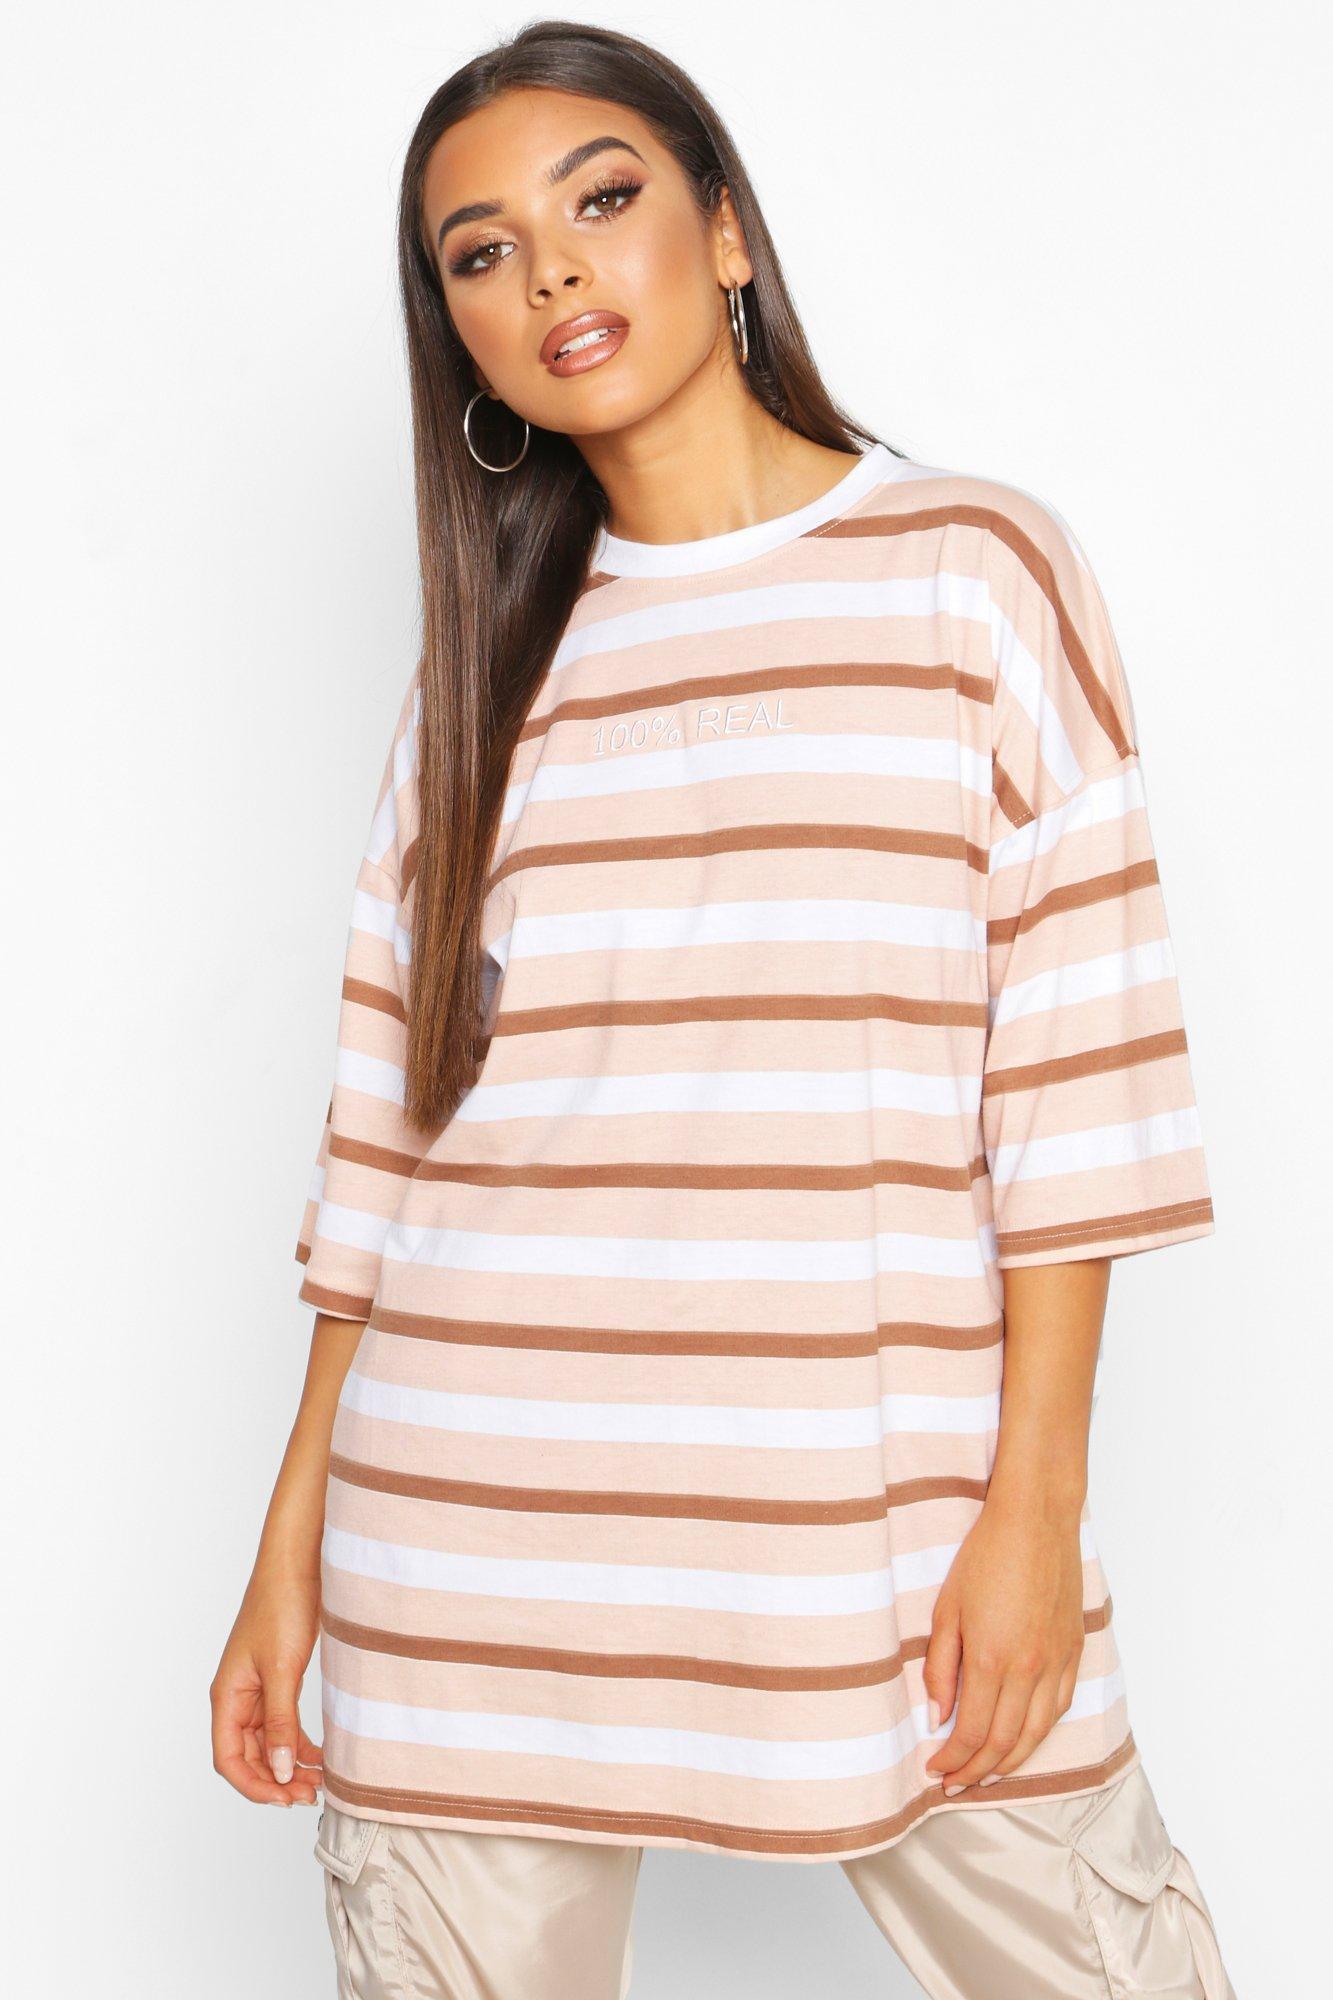 Womens Oversized T-Shirt mit Stickerei und Streifen - hautfarben - 32, Hautfarben - Boohoo.com